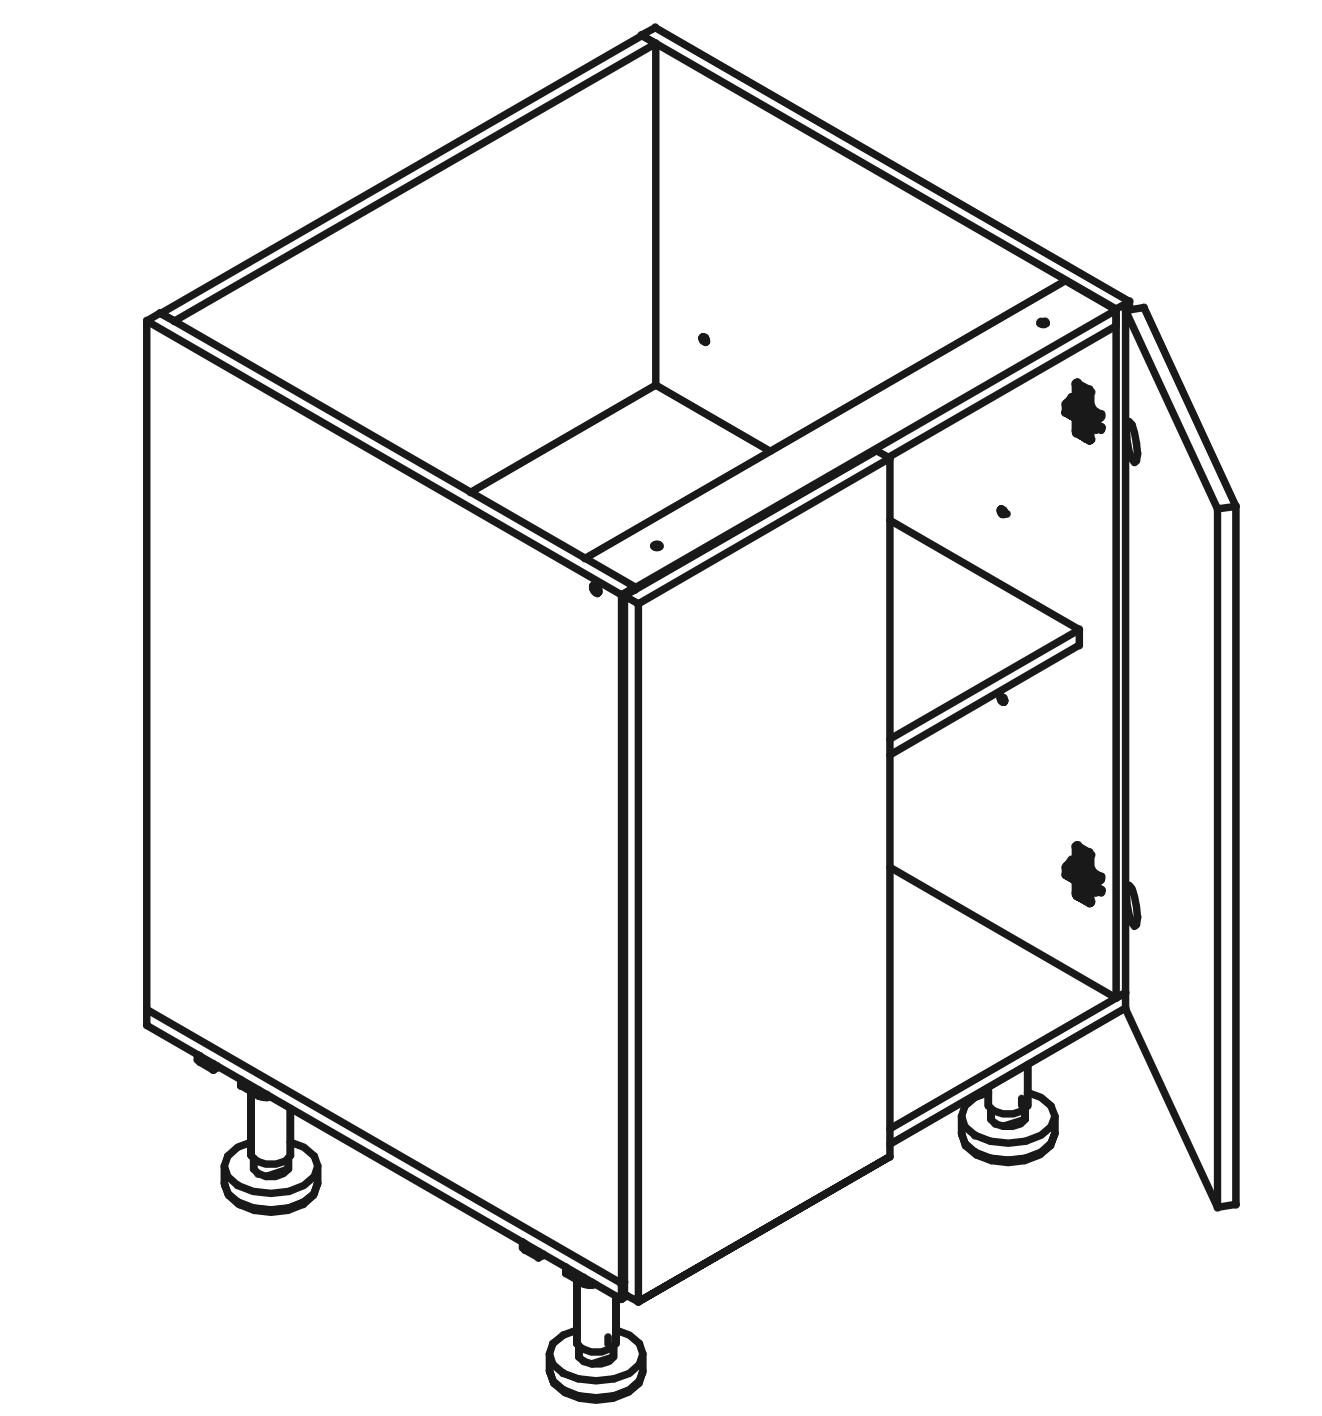 S60 Body Diagram